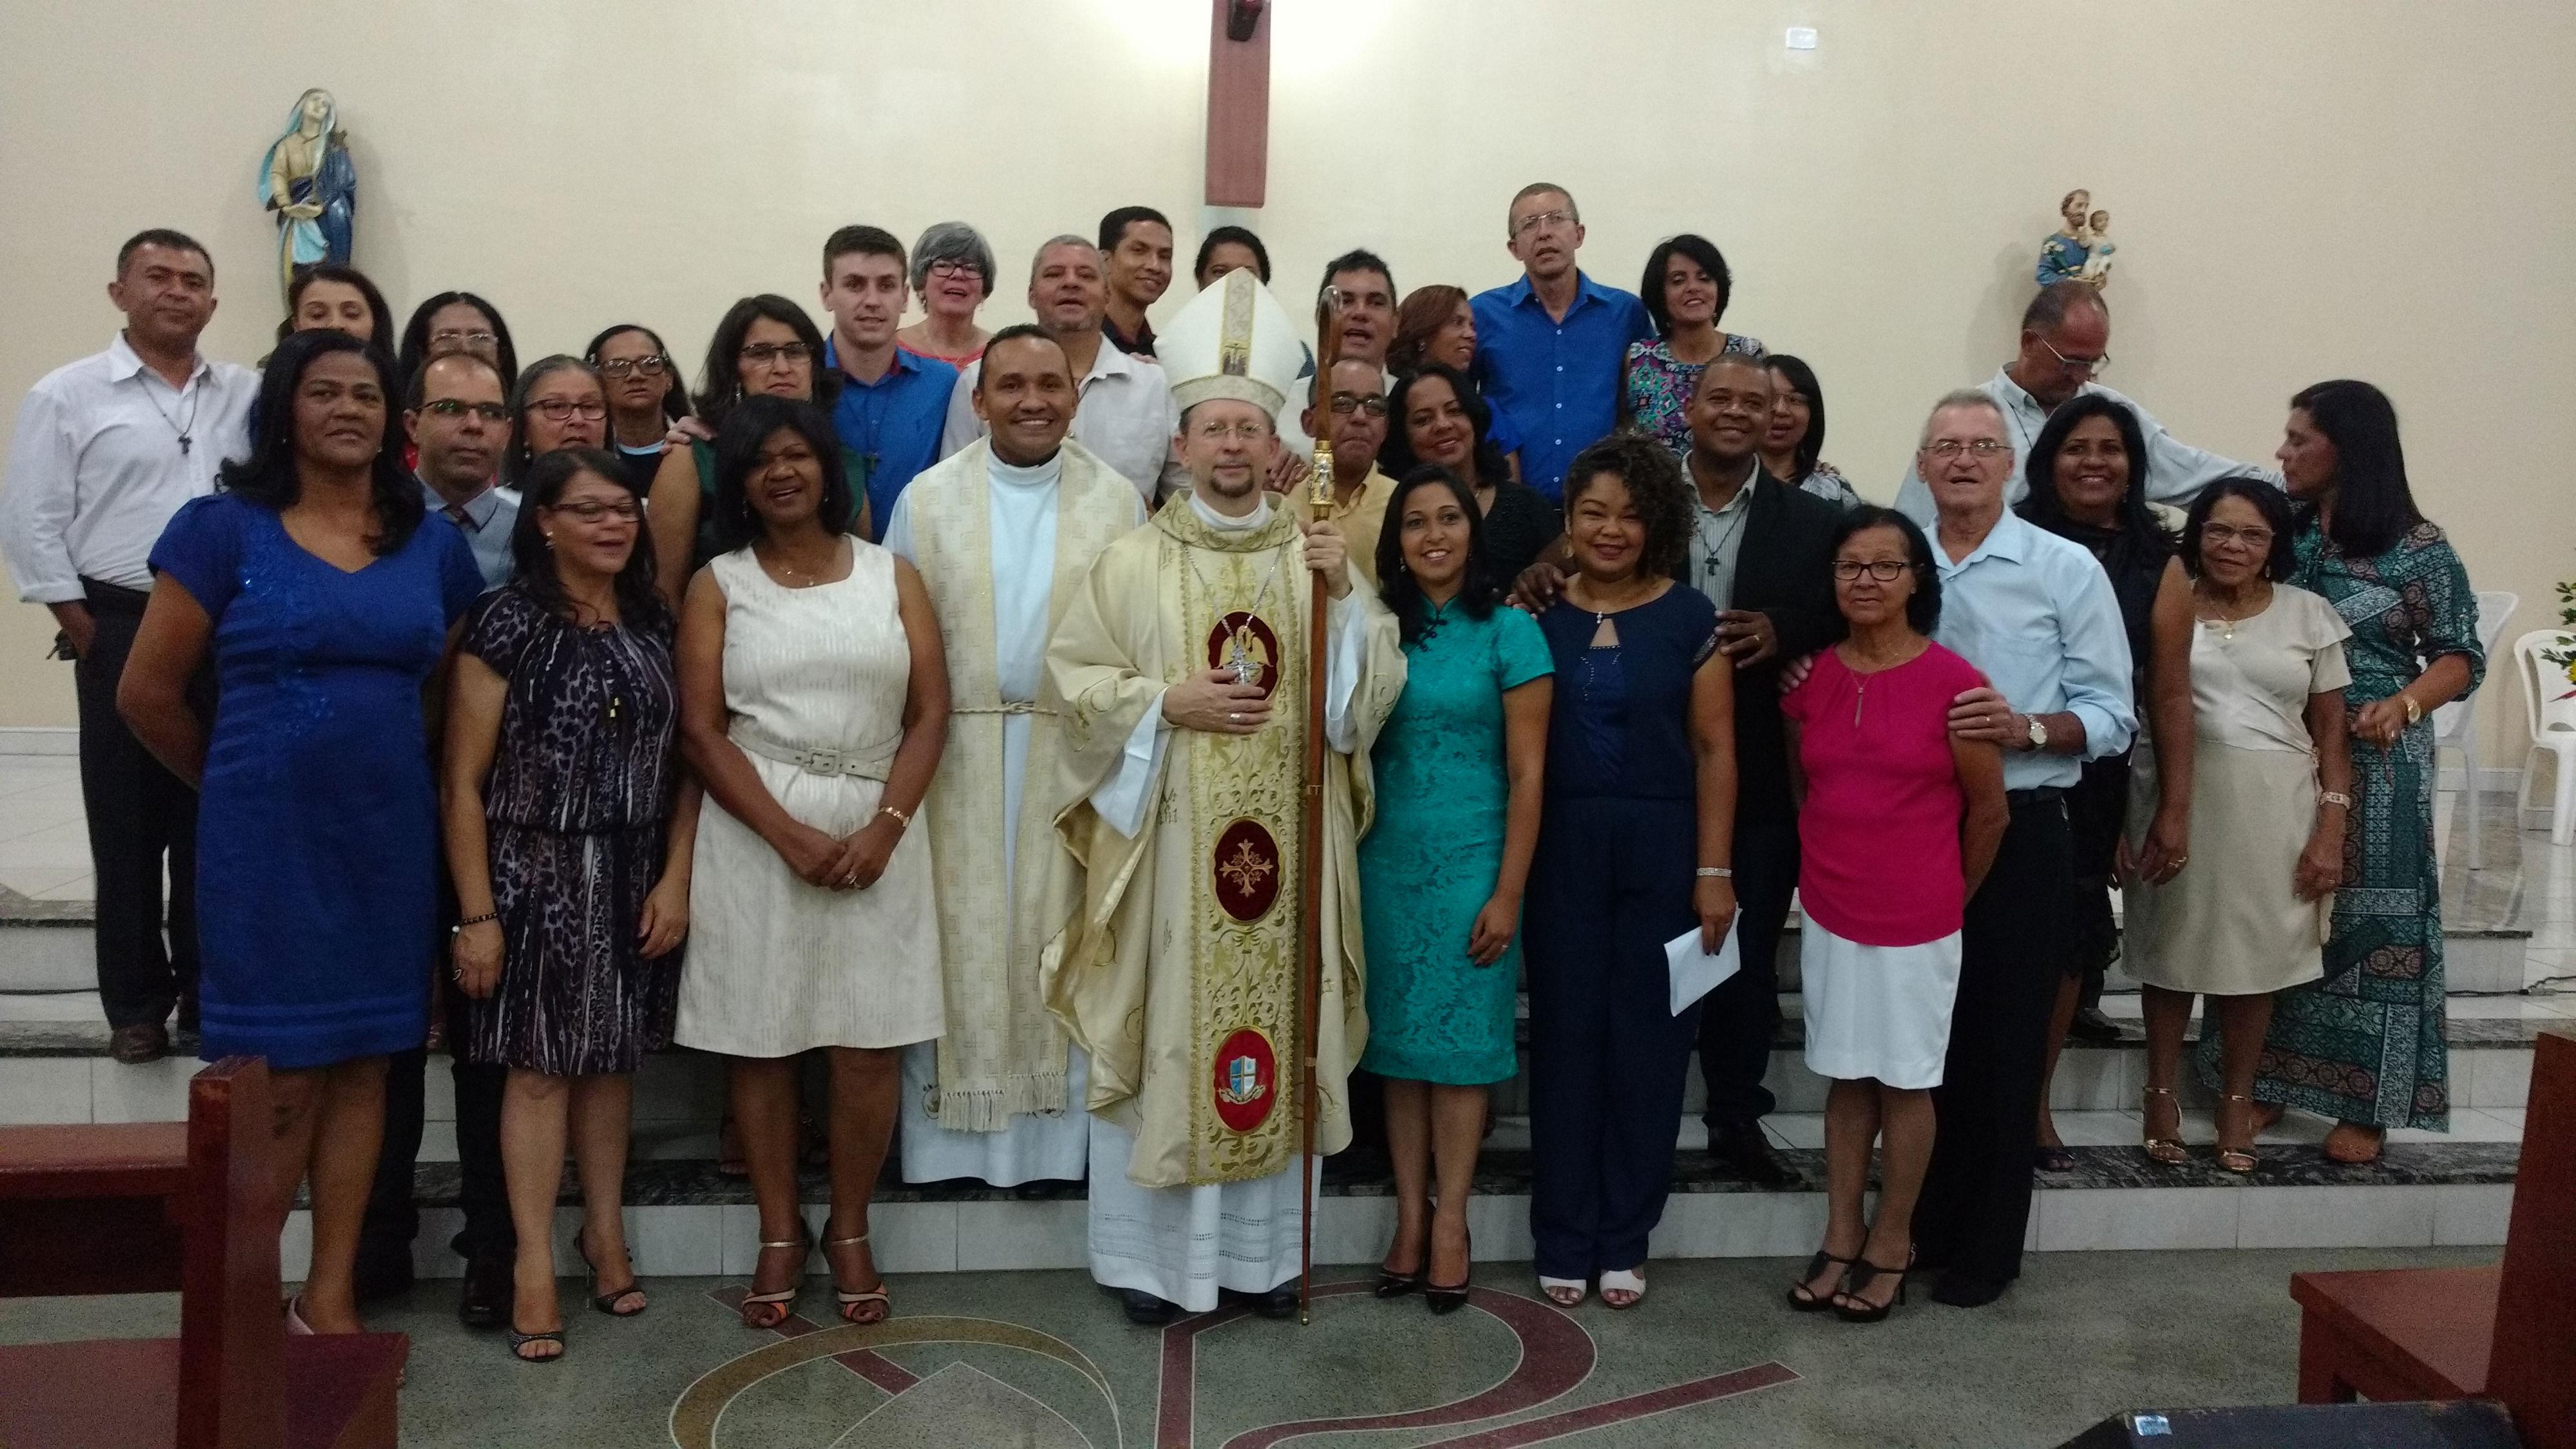 foto com o bispo - compromisso 2017